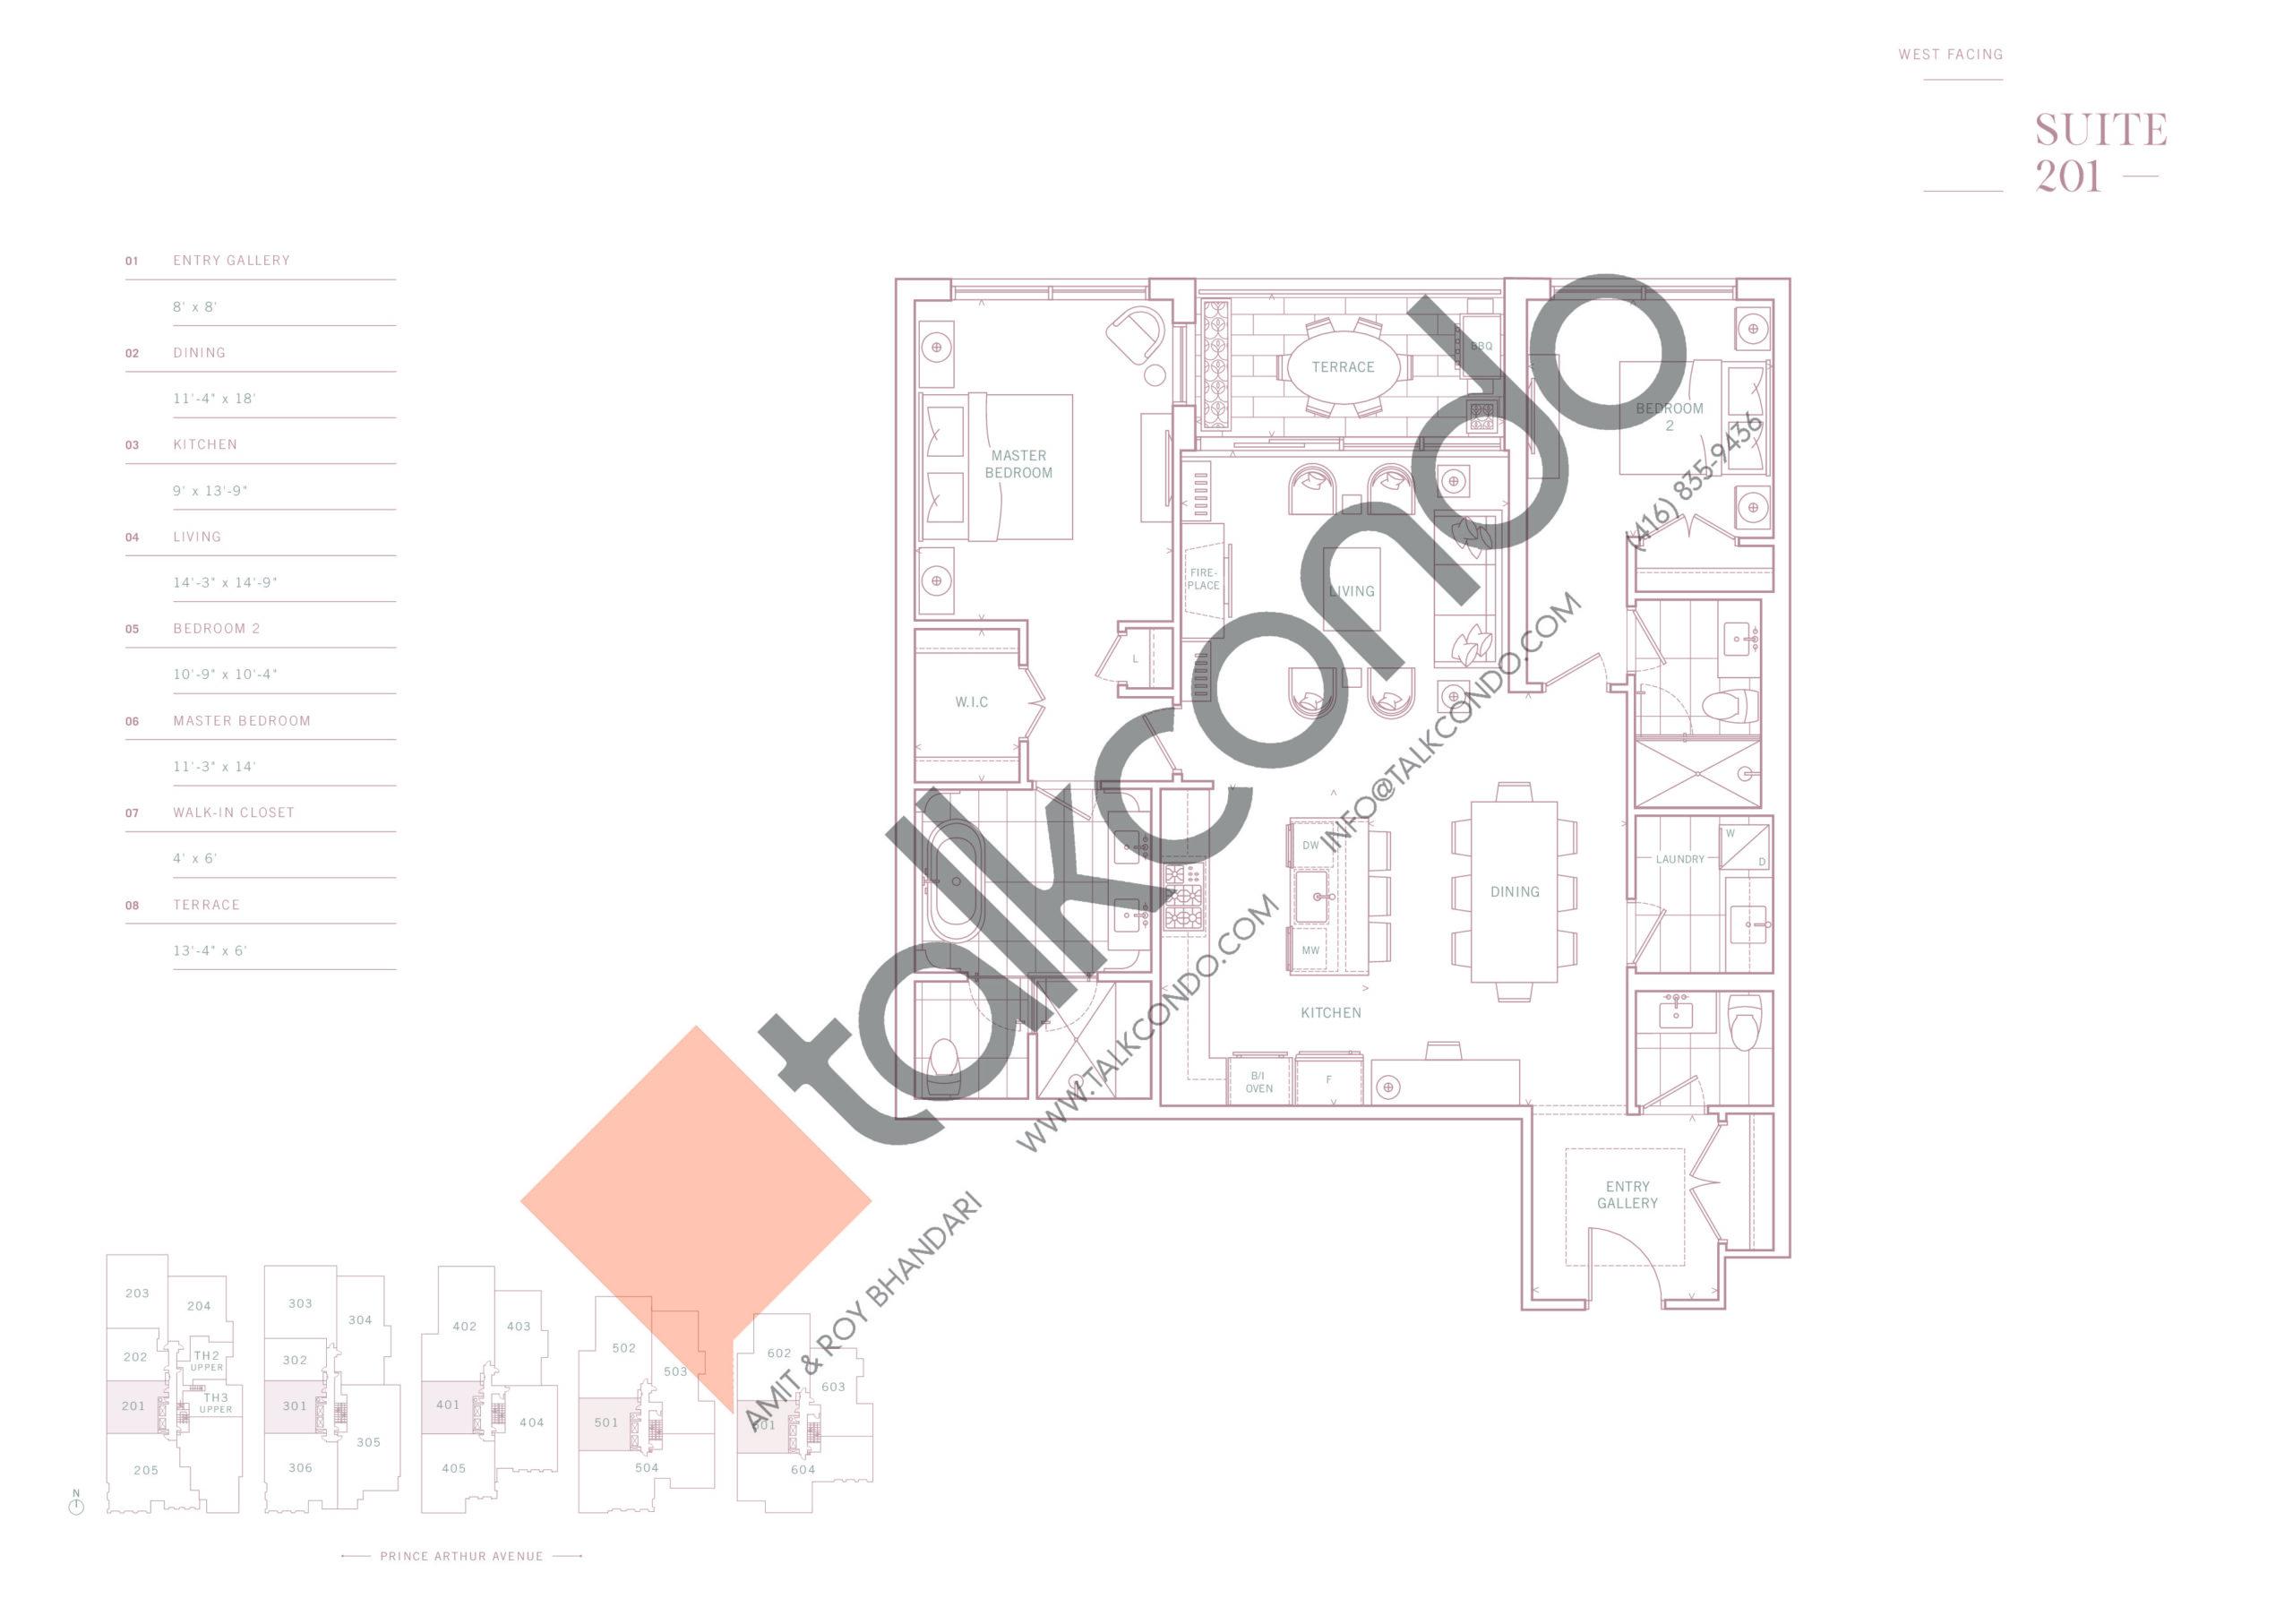 Suite 201 Floor Plan at 10 Prince Arthur Condos - 1416 sq.ft